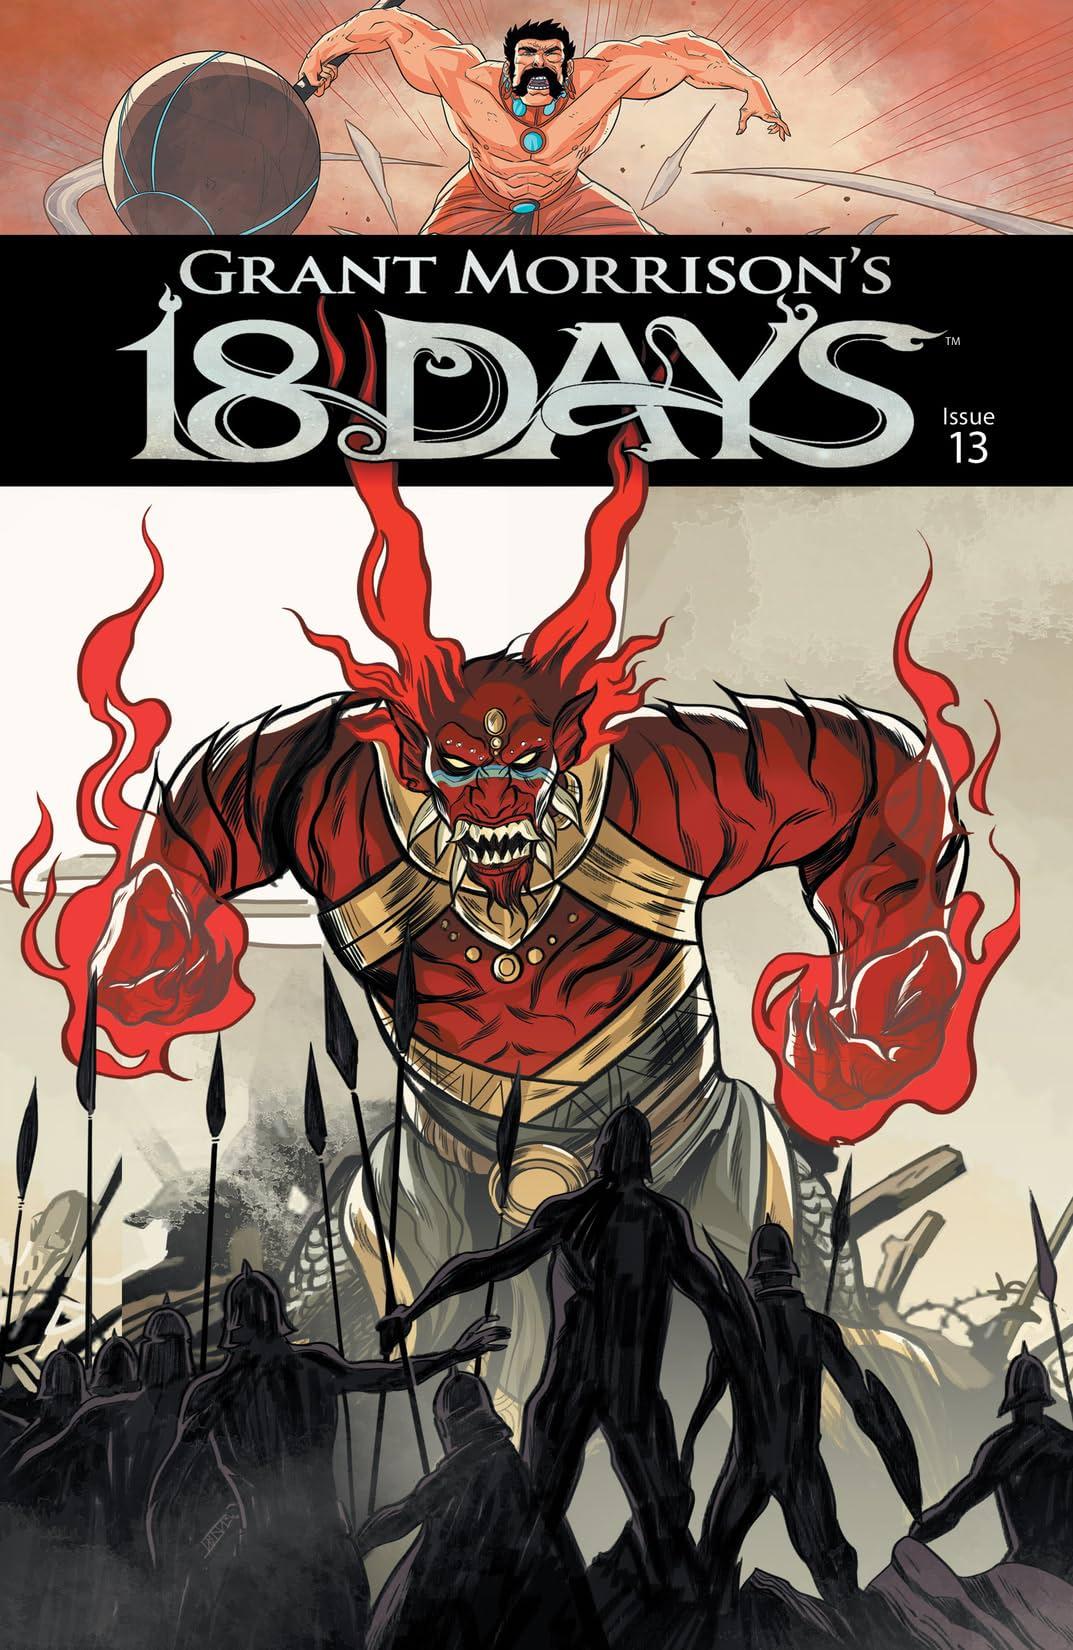 Grant Morrison's 18 Days #13